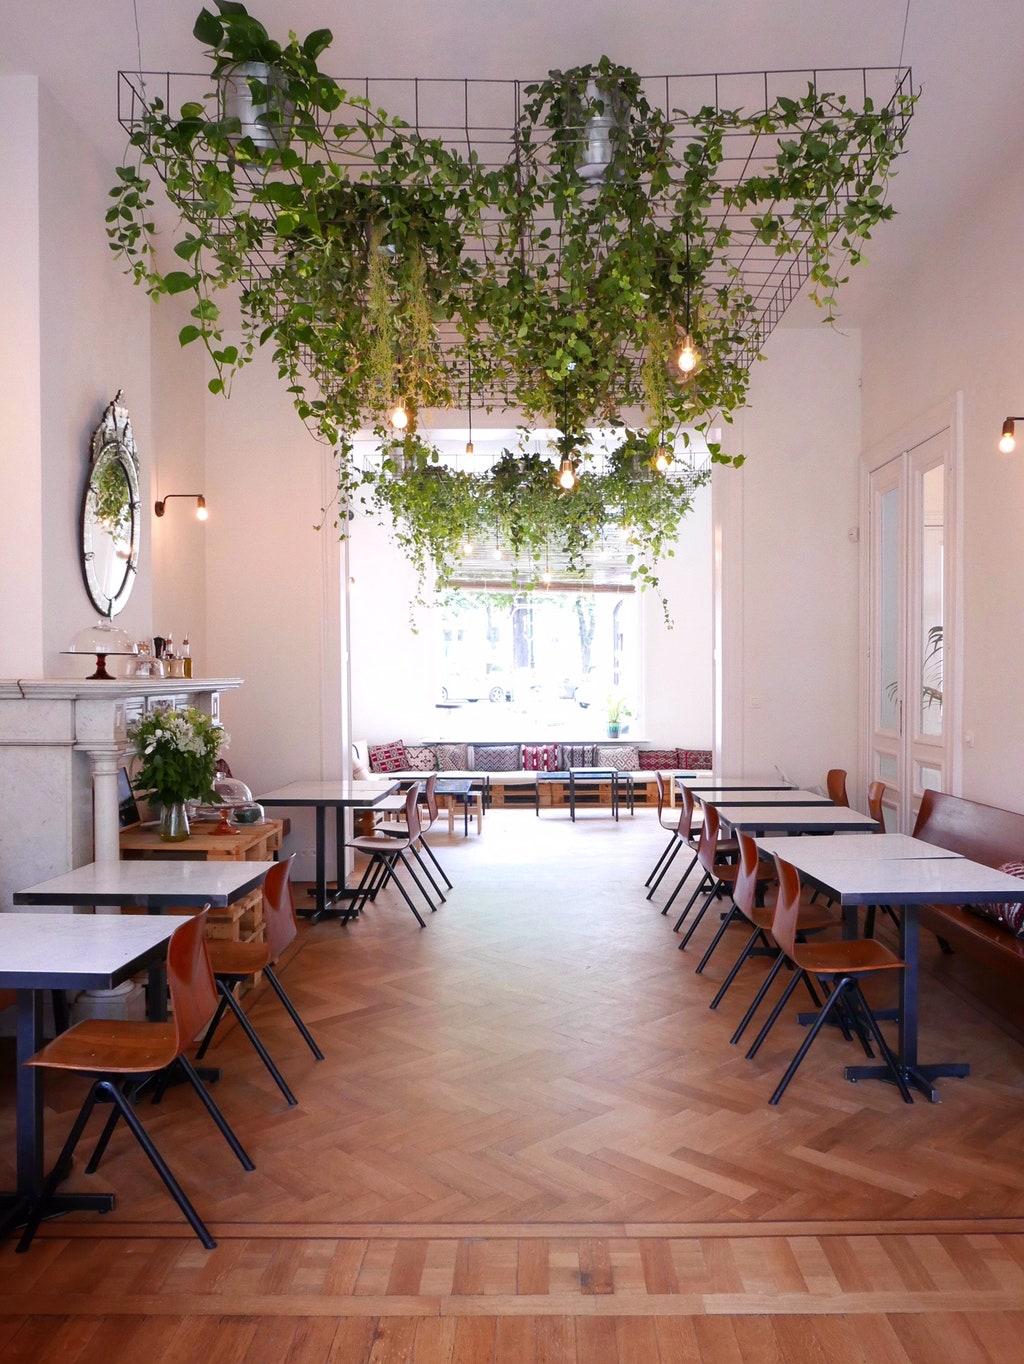 plafond végétal pour ce restaurant